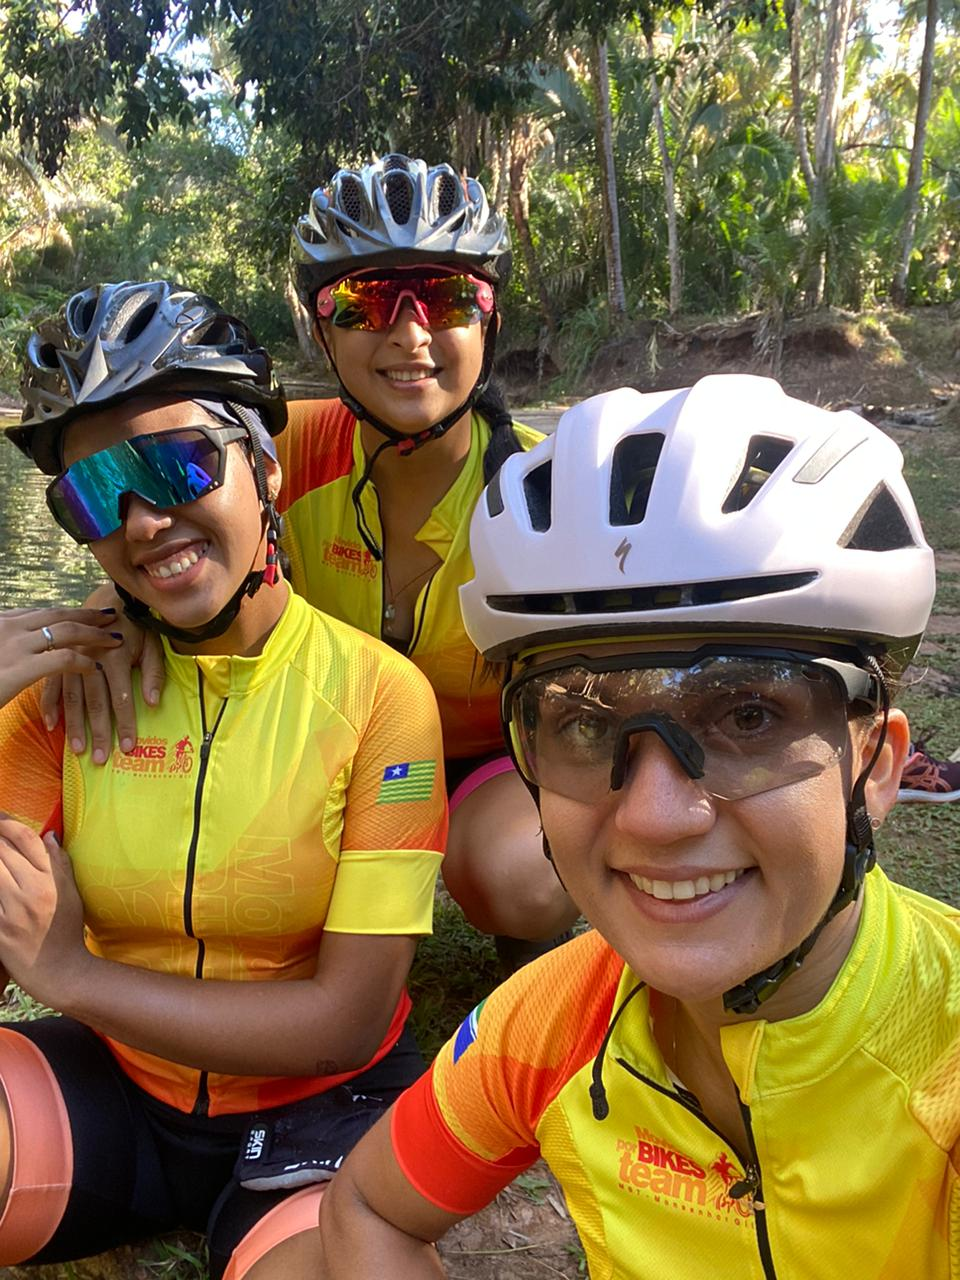 Um domingo sobre Bike em Monsenhor Gil com destino ao Poço Azul - Imagem 7